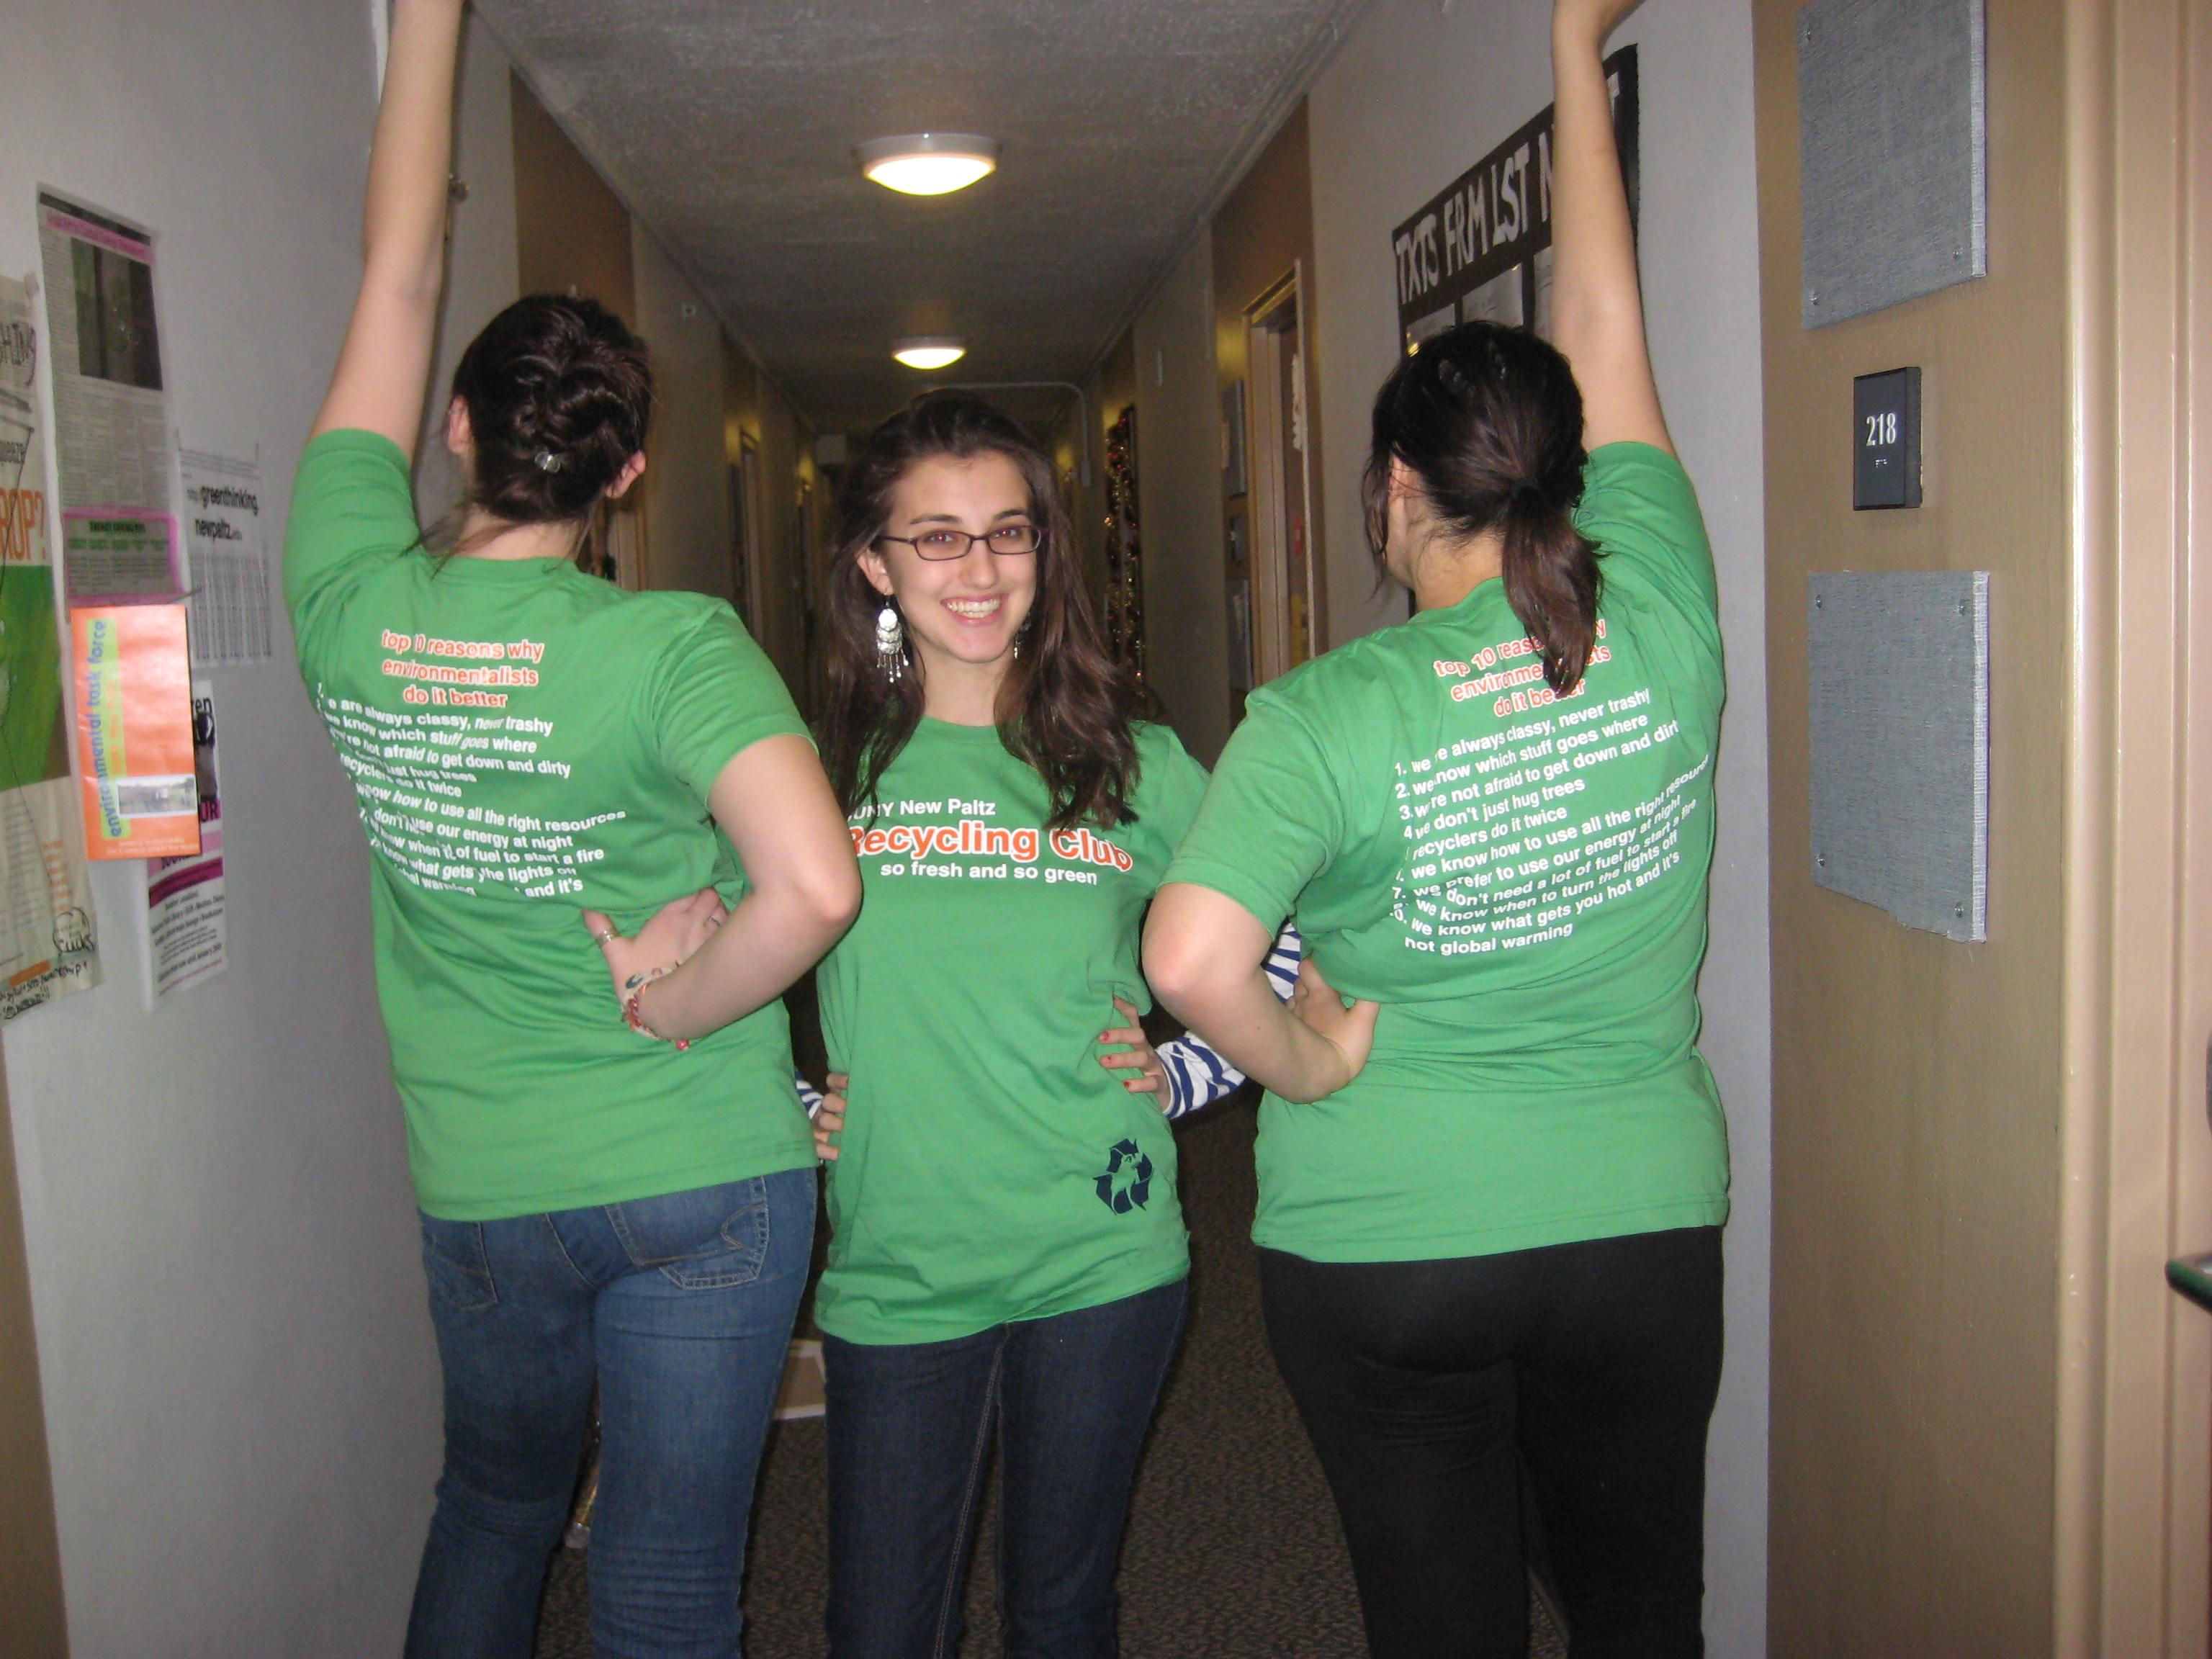 T shirt design help - Recycling Club T Shirt Photo